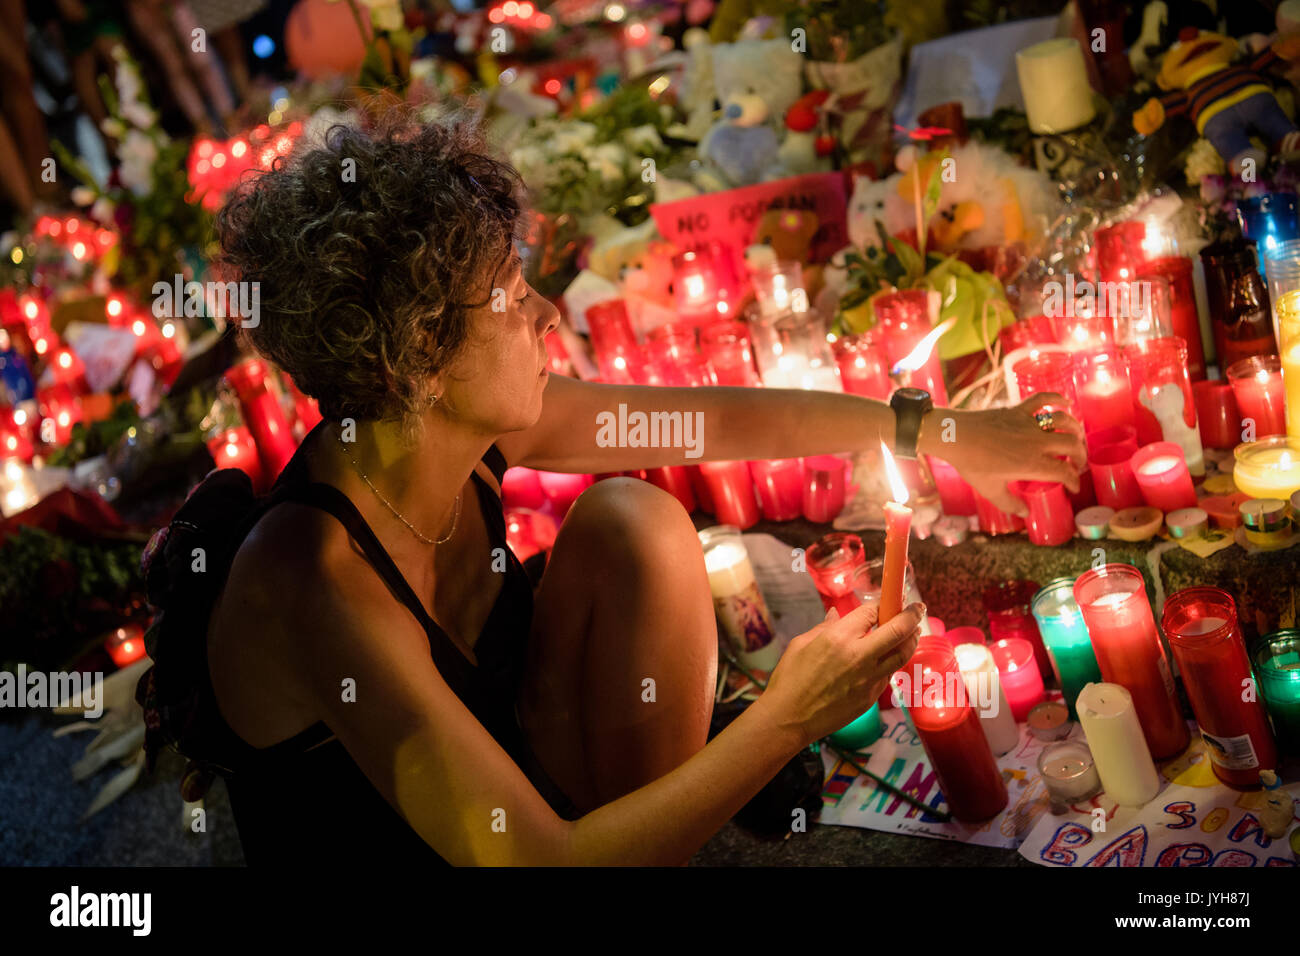 Barcelone, Espagne. Août 19, 2017. Fleurs dans le Las Ramblas à Barcelone, Espagne, le 19 août 2017. Plusieurs personnes Banque D'Images